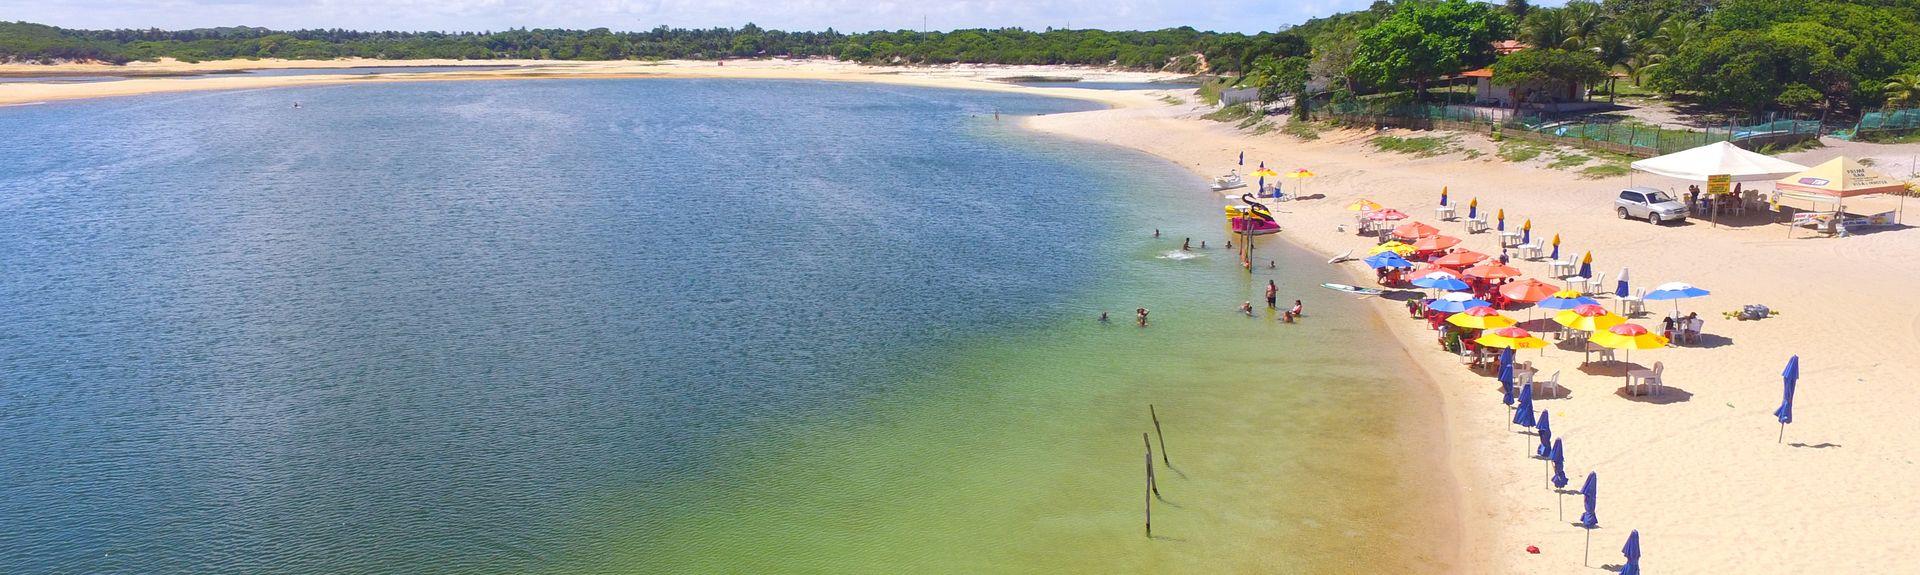 Praia de Genipabú, Extremoz, Rio Grande do Norte, Brasil